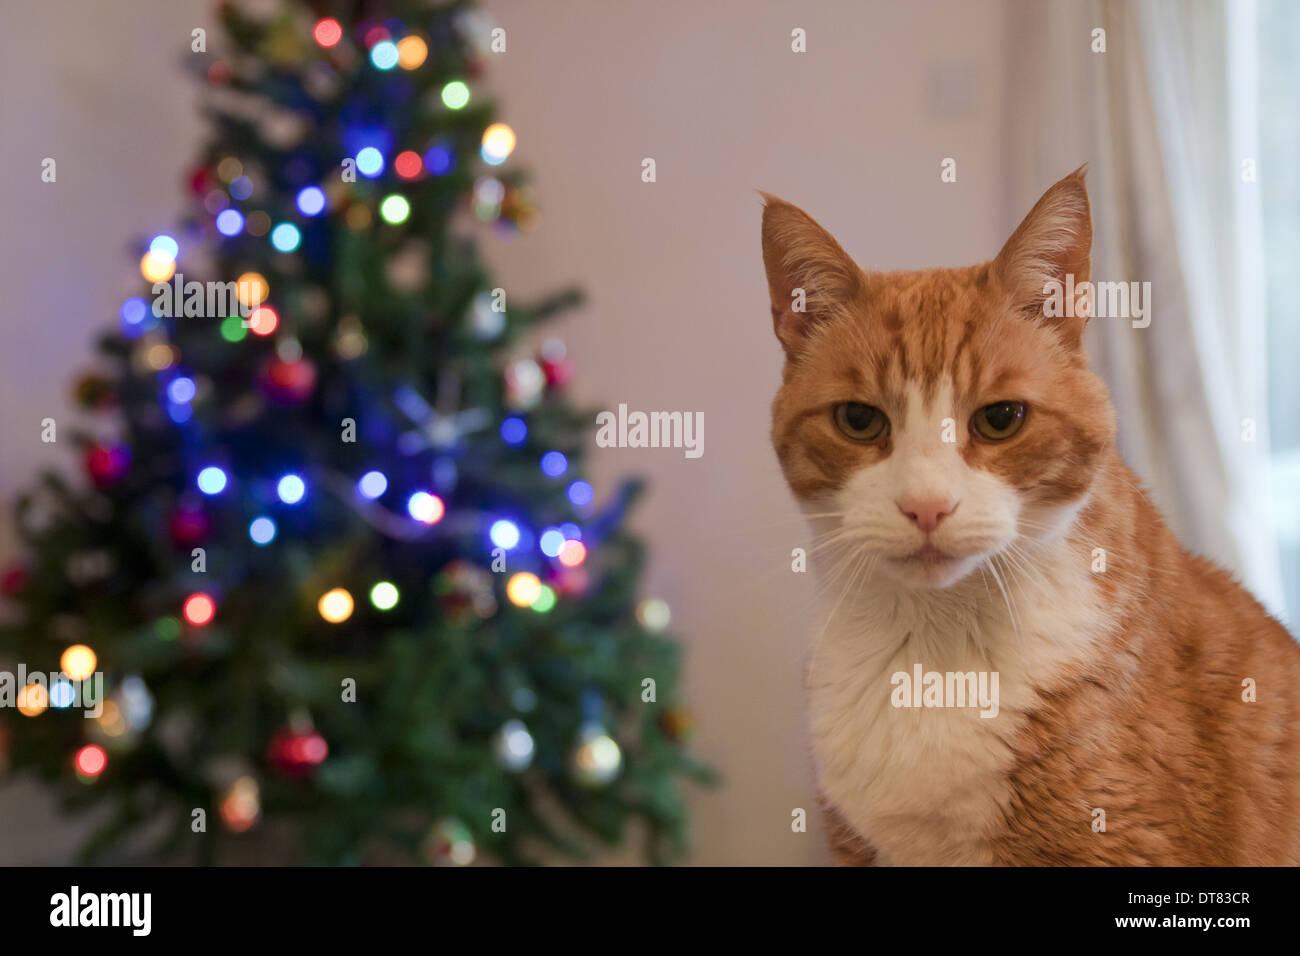 Weihnachtsbaum England.Hauskatze Ingwer Tabby Männchen Nahaufnahme Des Kopfes Und Der